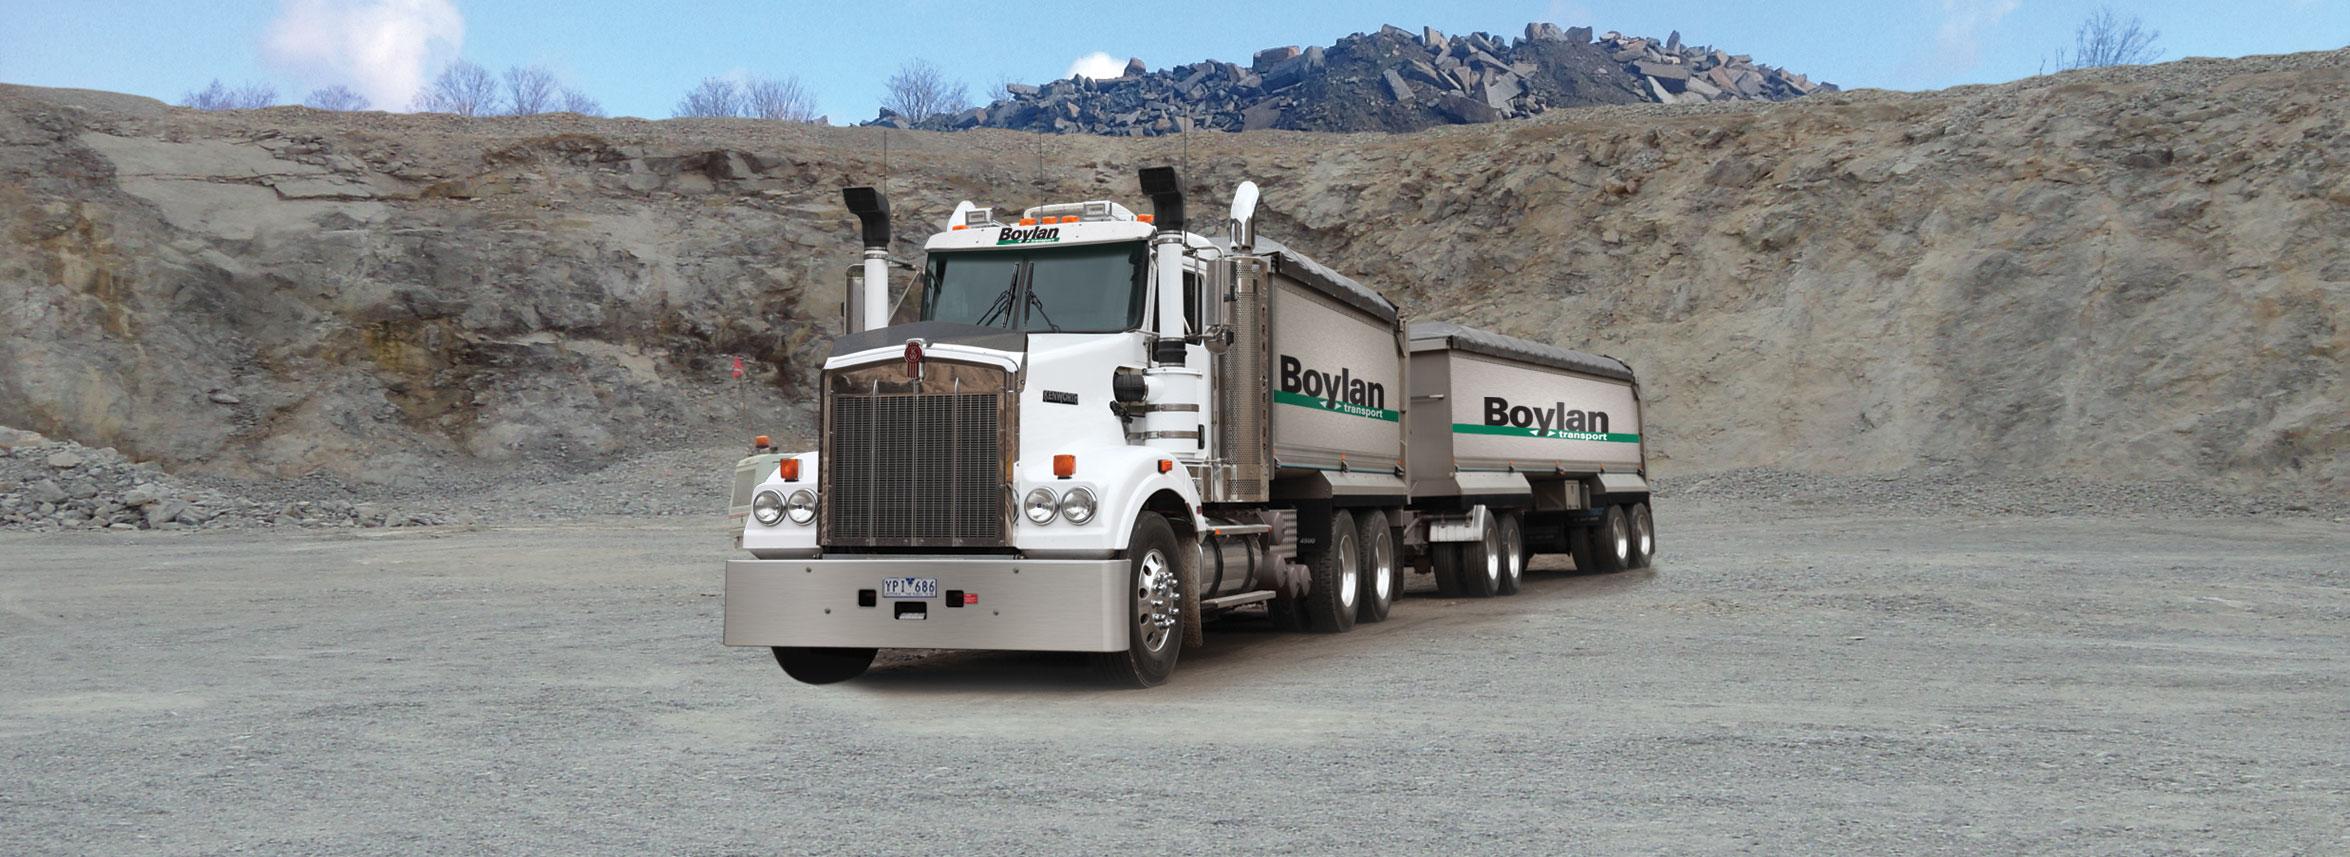 Boylan-Tipper-Hero-4